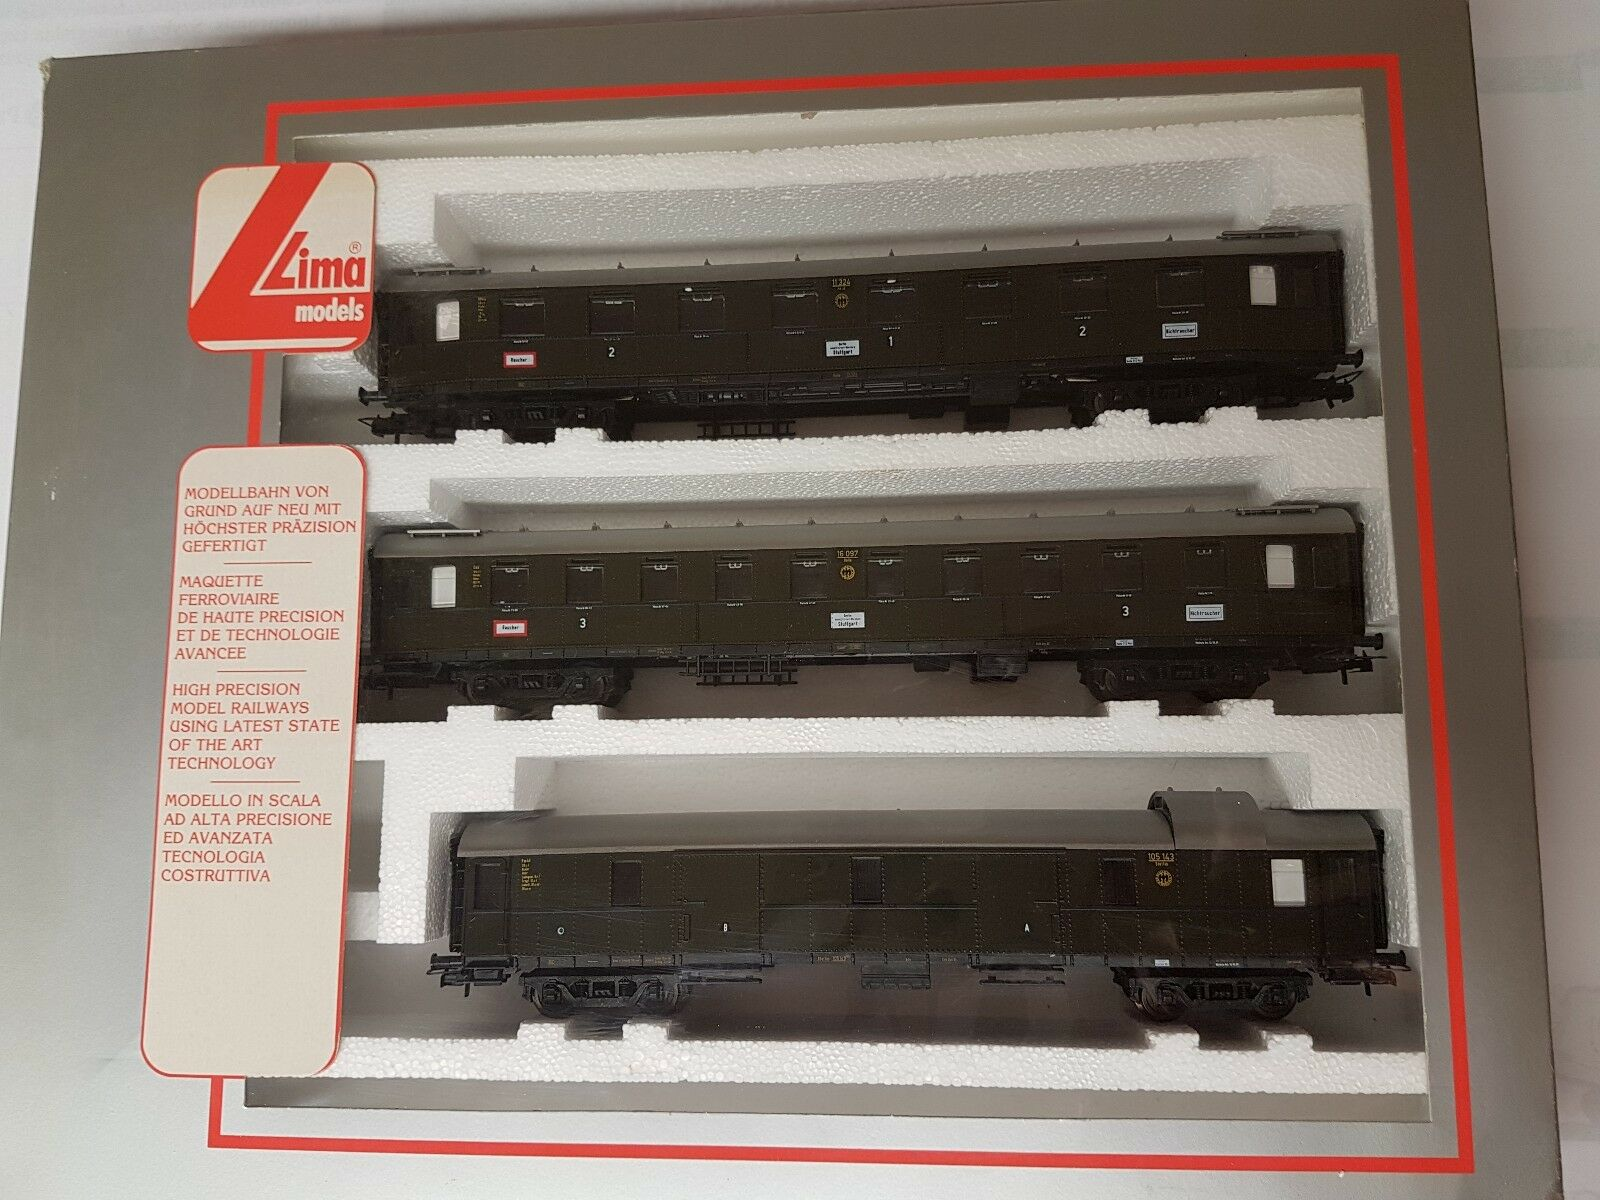 Lima 149762 K h0 3 piezas wagonset top embalaje original